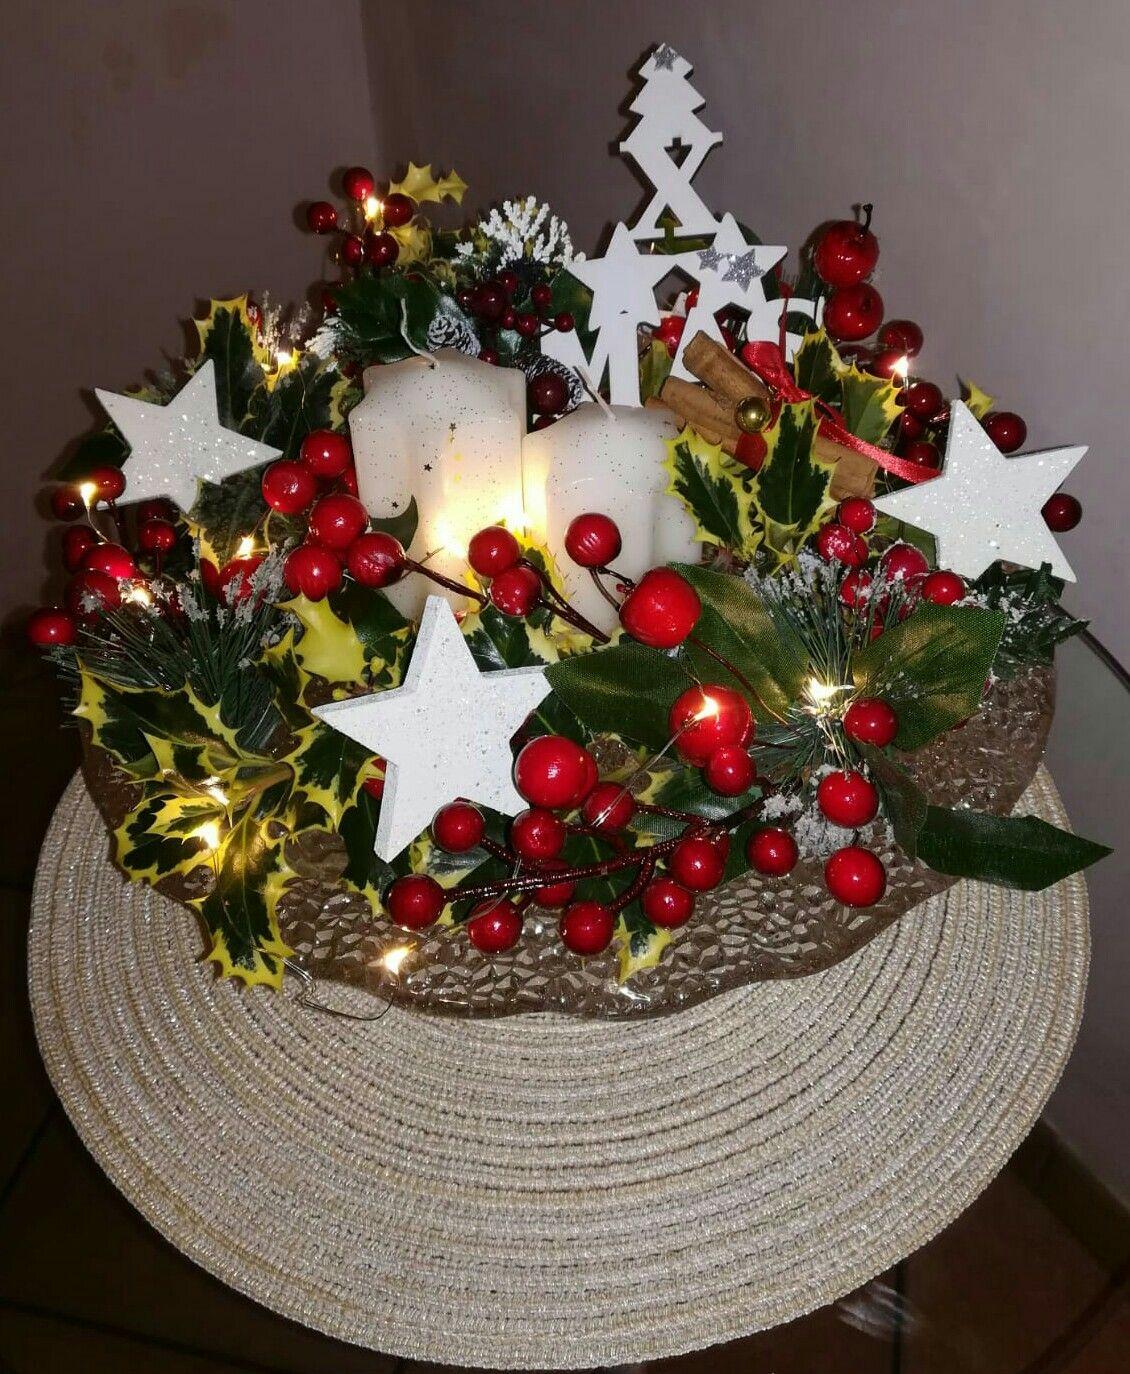 Creare Composizioni Per Natale centro tavola natalizio🌲 composizione con rami di pino